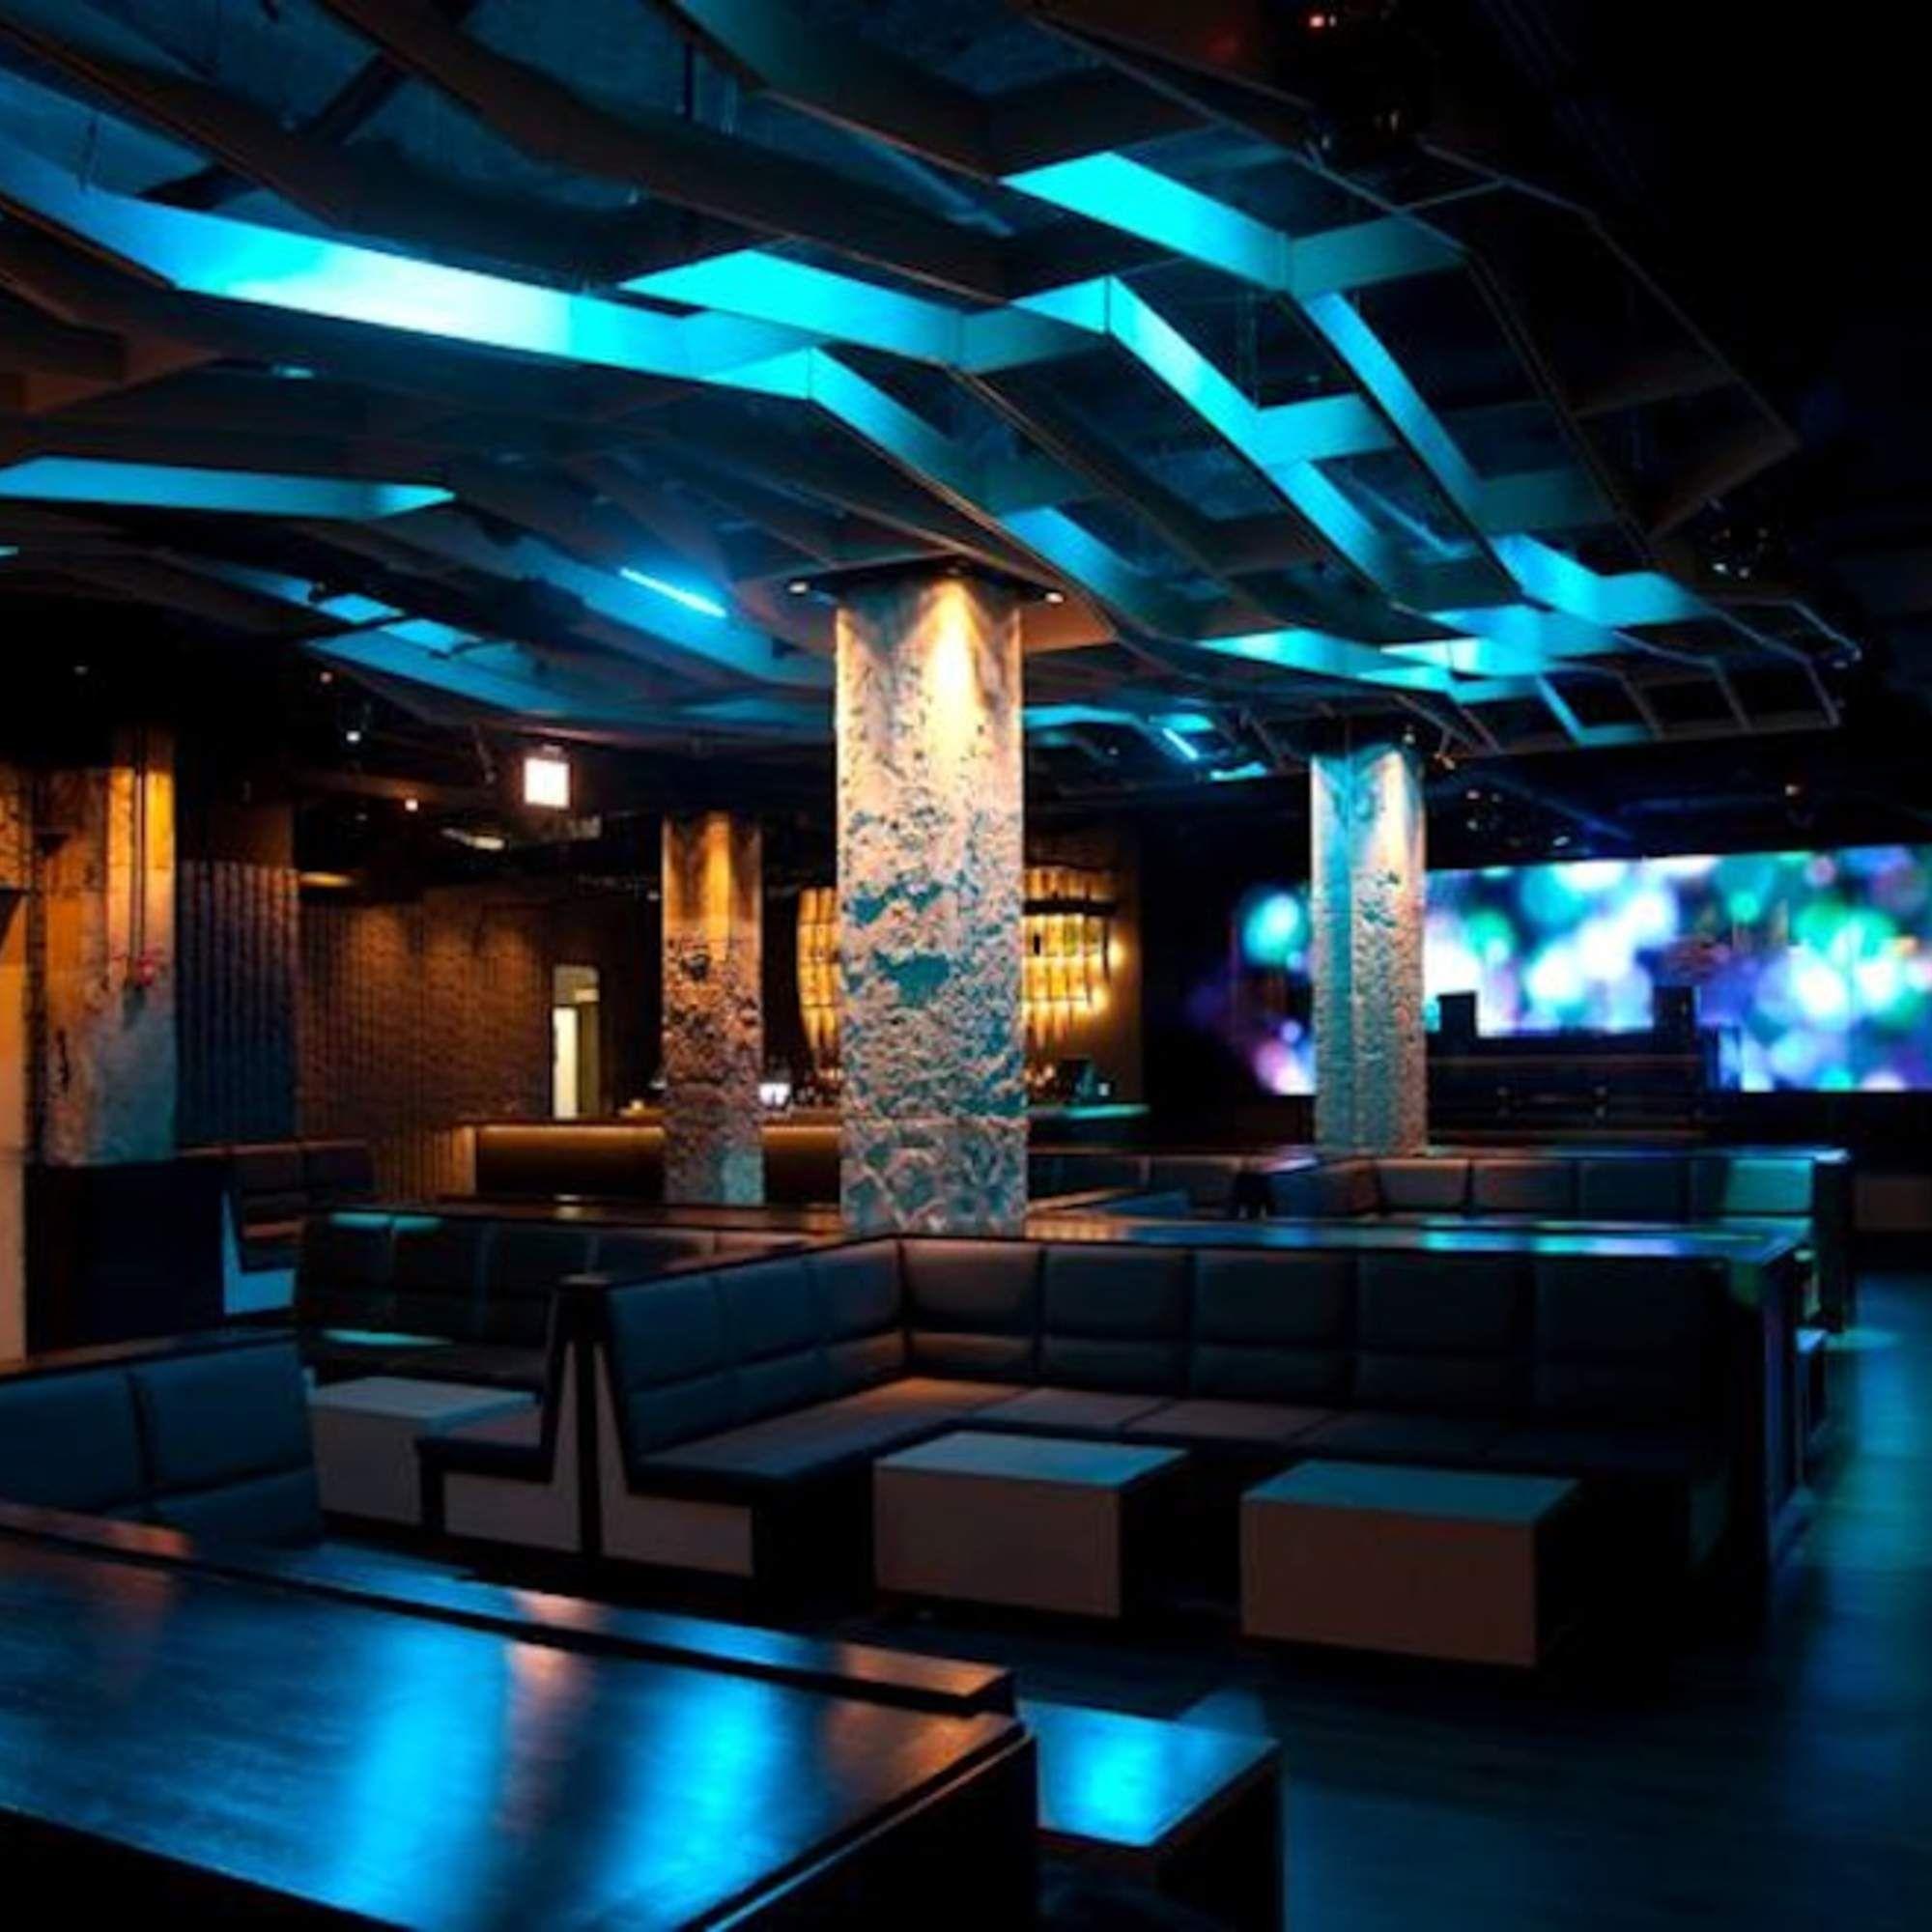 Best Nightclub Interiors  Psoriasisgurucom